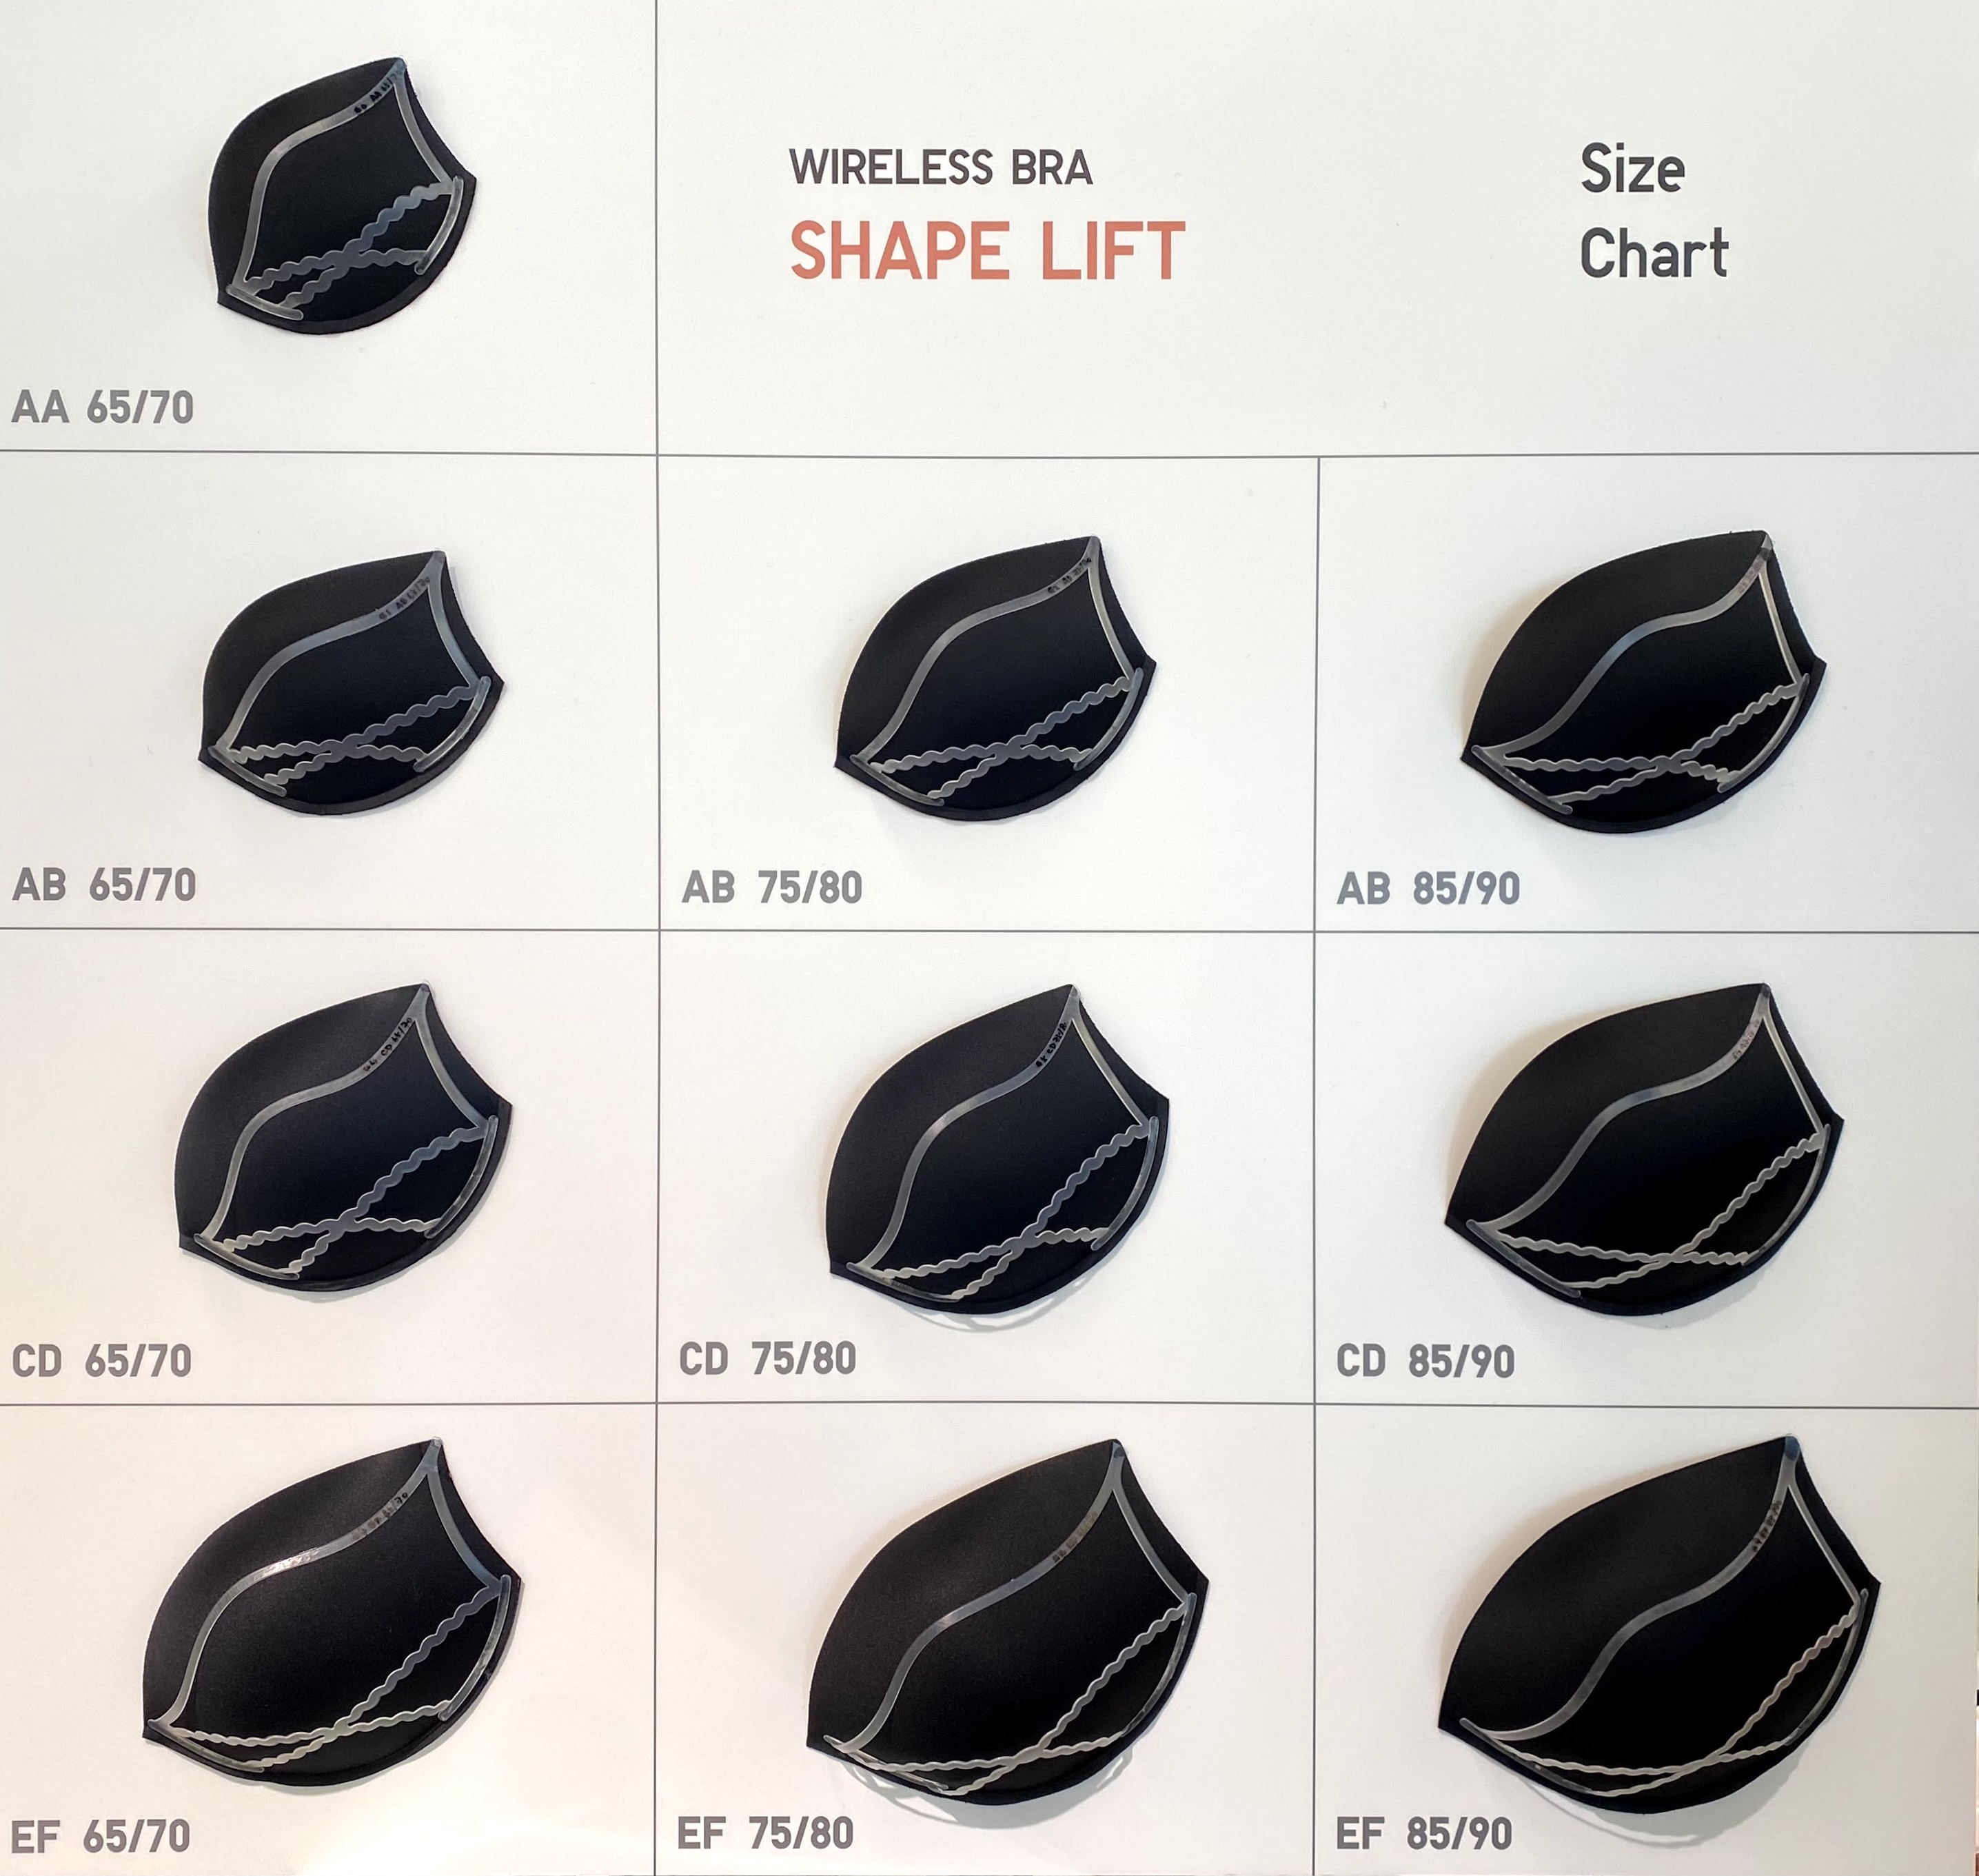 ワイヤレスブラシェイプリフトのサイズチャート